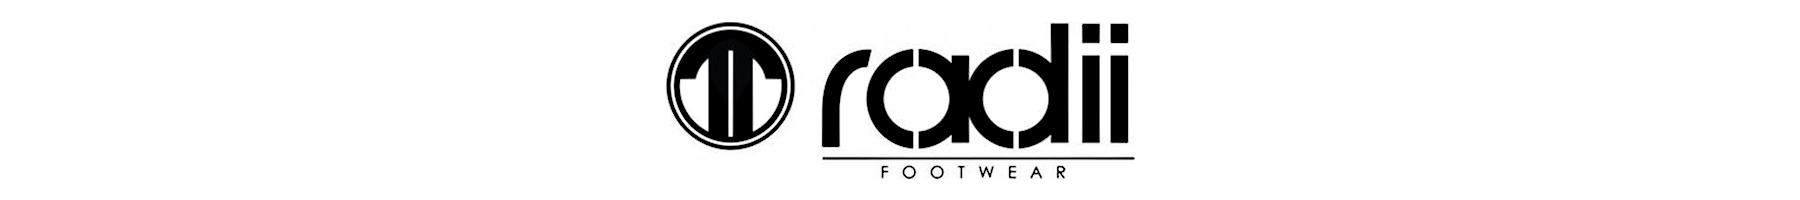 DrJays.com - Radii Footwear